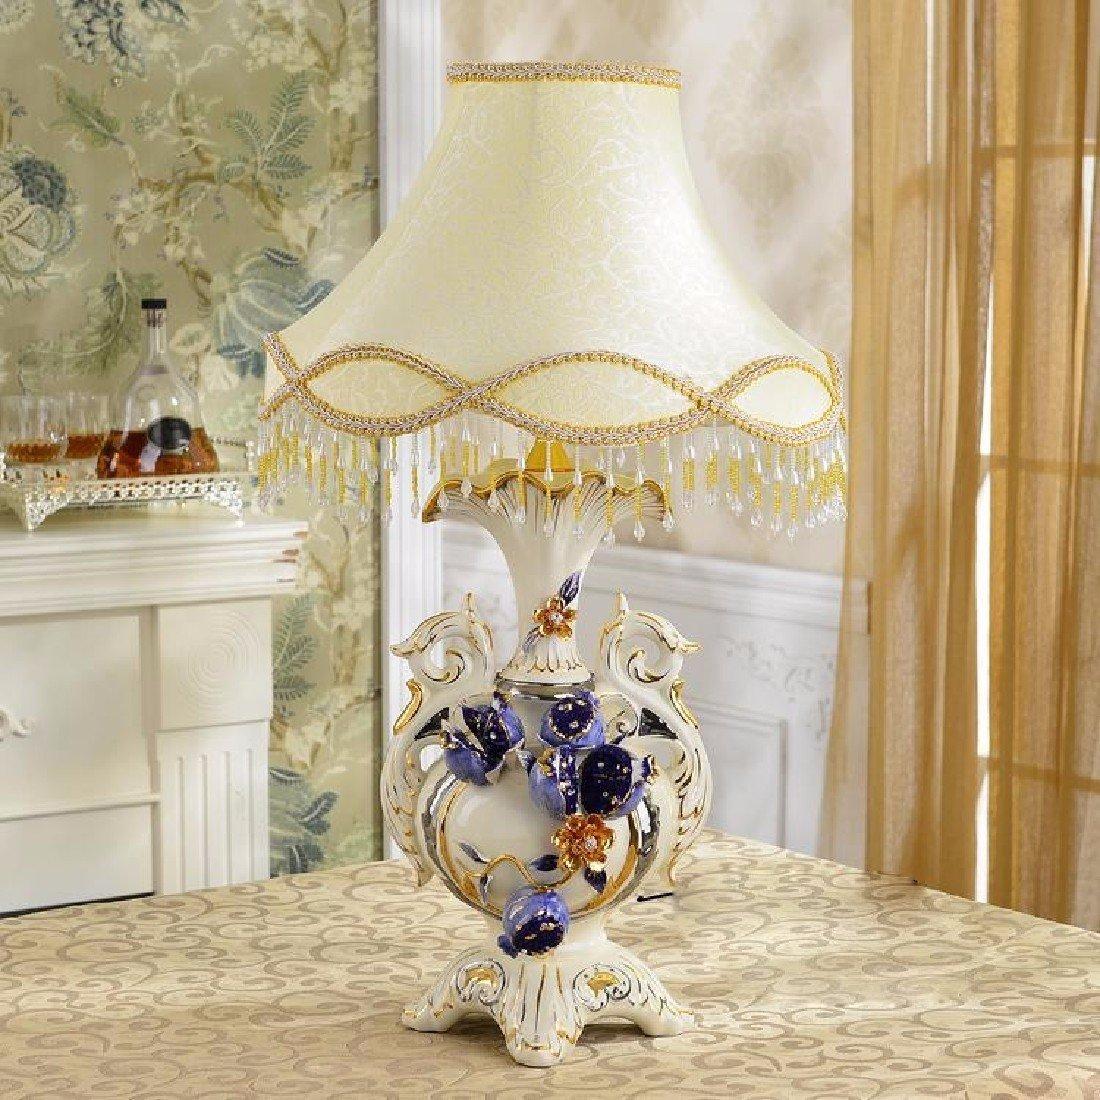 SDKKY Europäischen Stil Lampe, keramische Wohnzimmer Dekoration, Luxus High-End-pastorale Nachttischlampen, Schlafzimmer Hochzeit Raumbeleuchtung,A